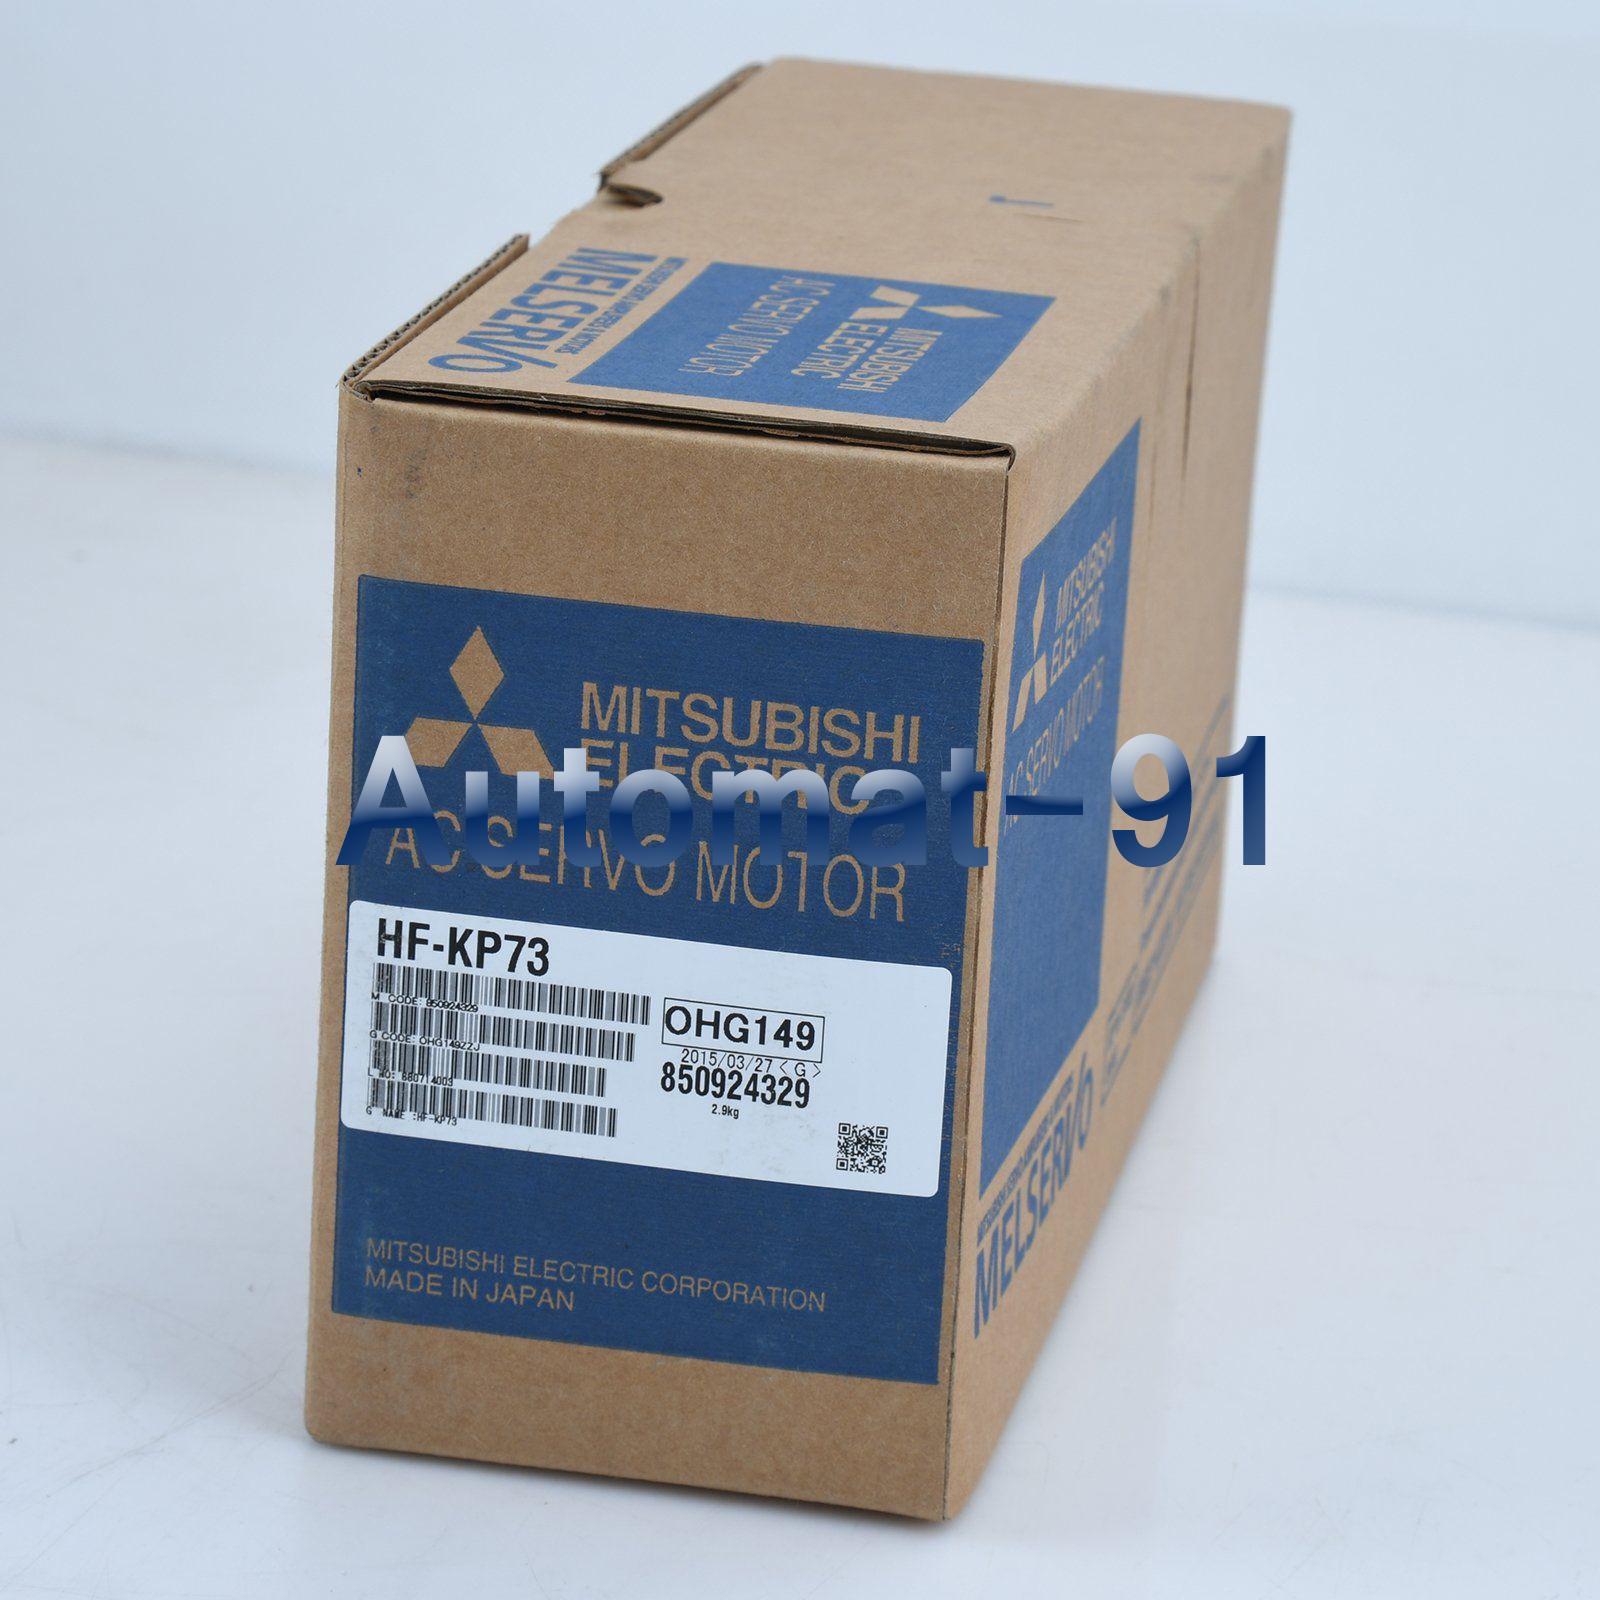 In Box Fast Ship 1PCS Brand New Mitsubishi Servo Motor HF-KP73 HFKP73